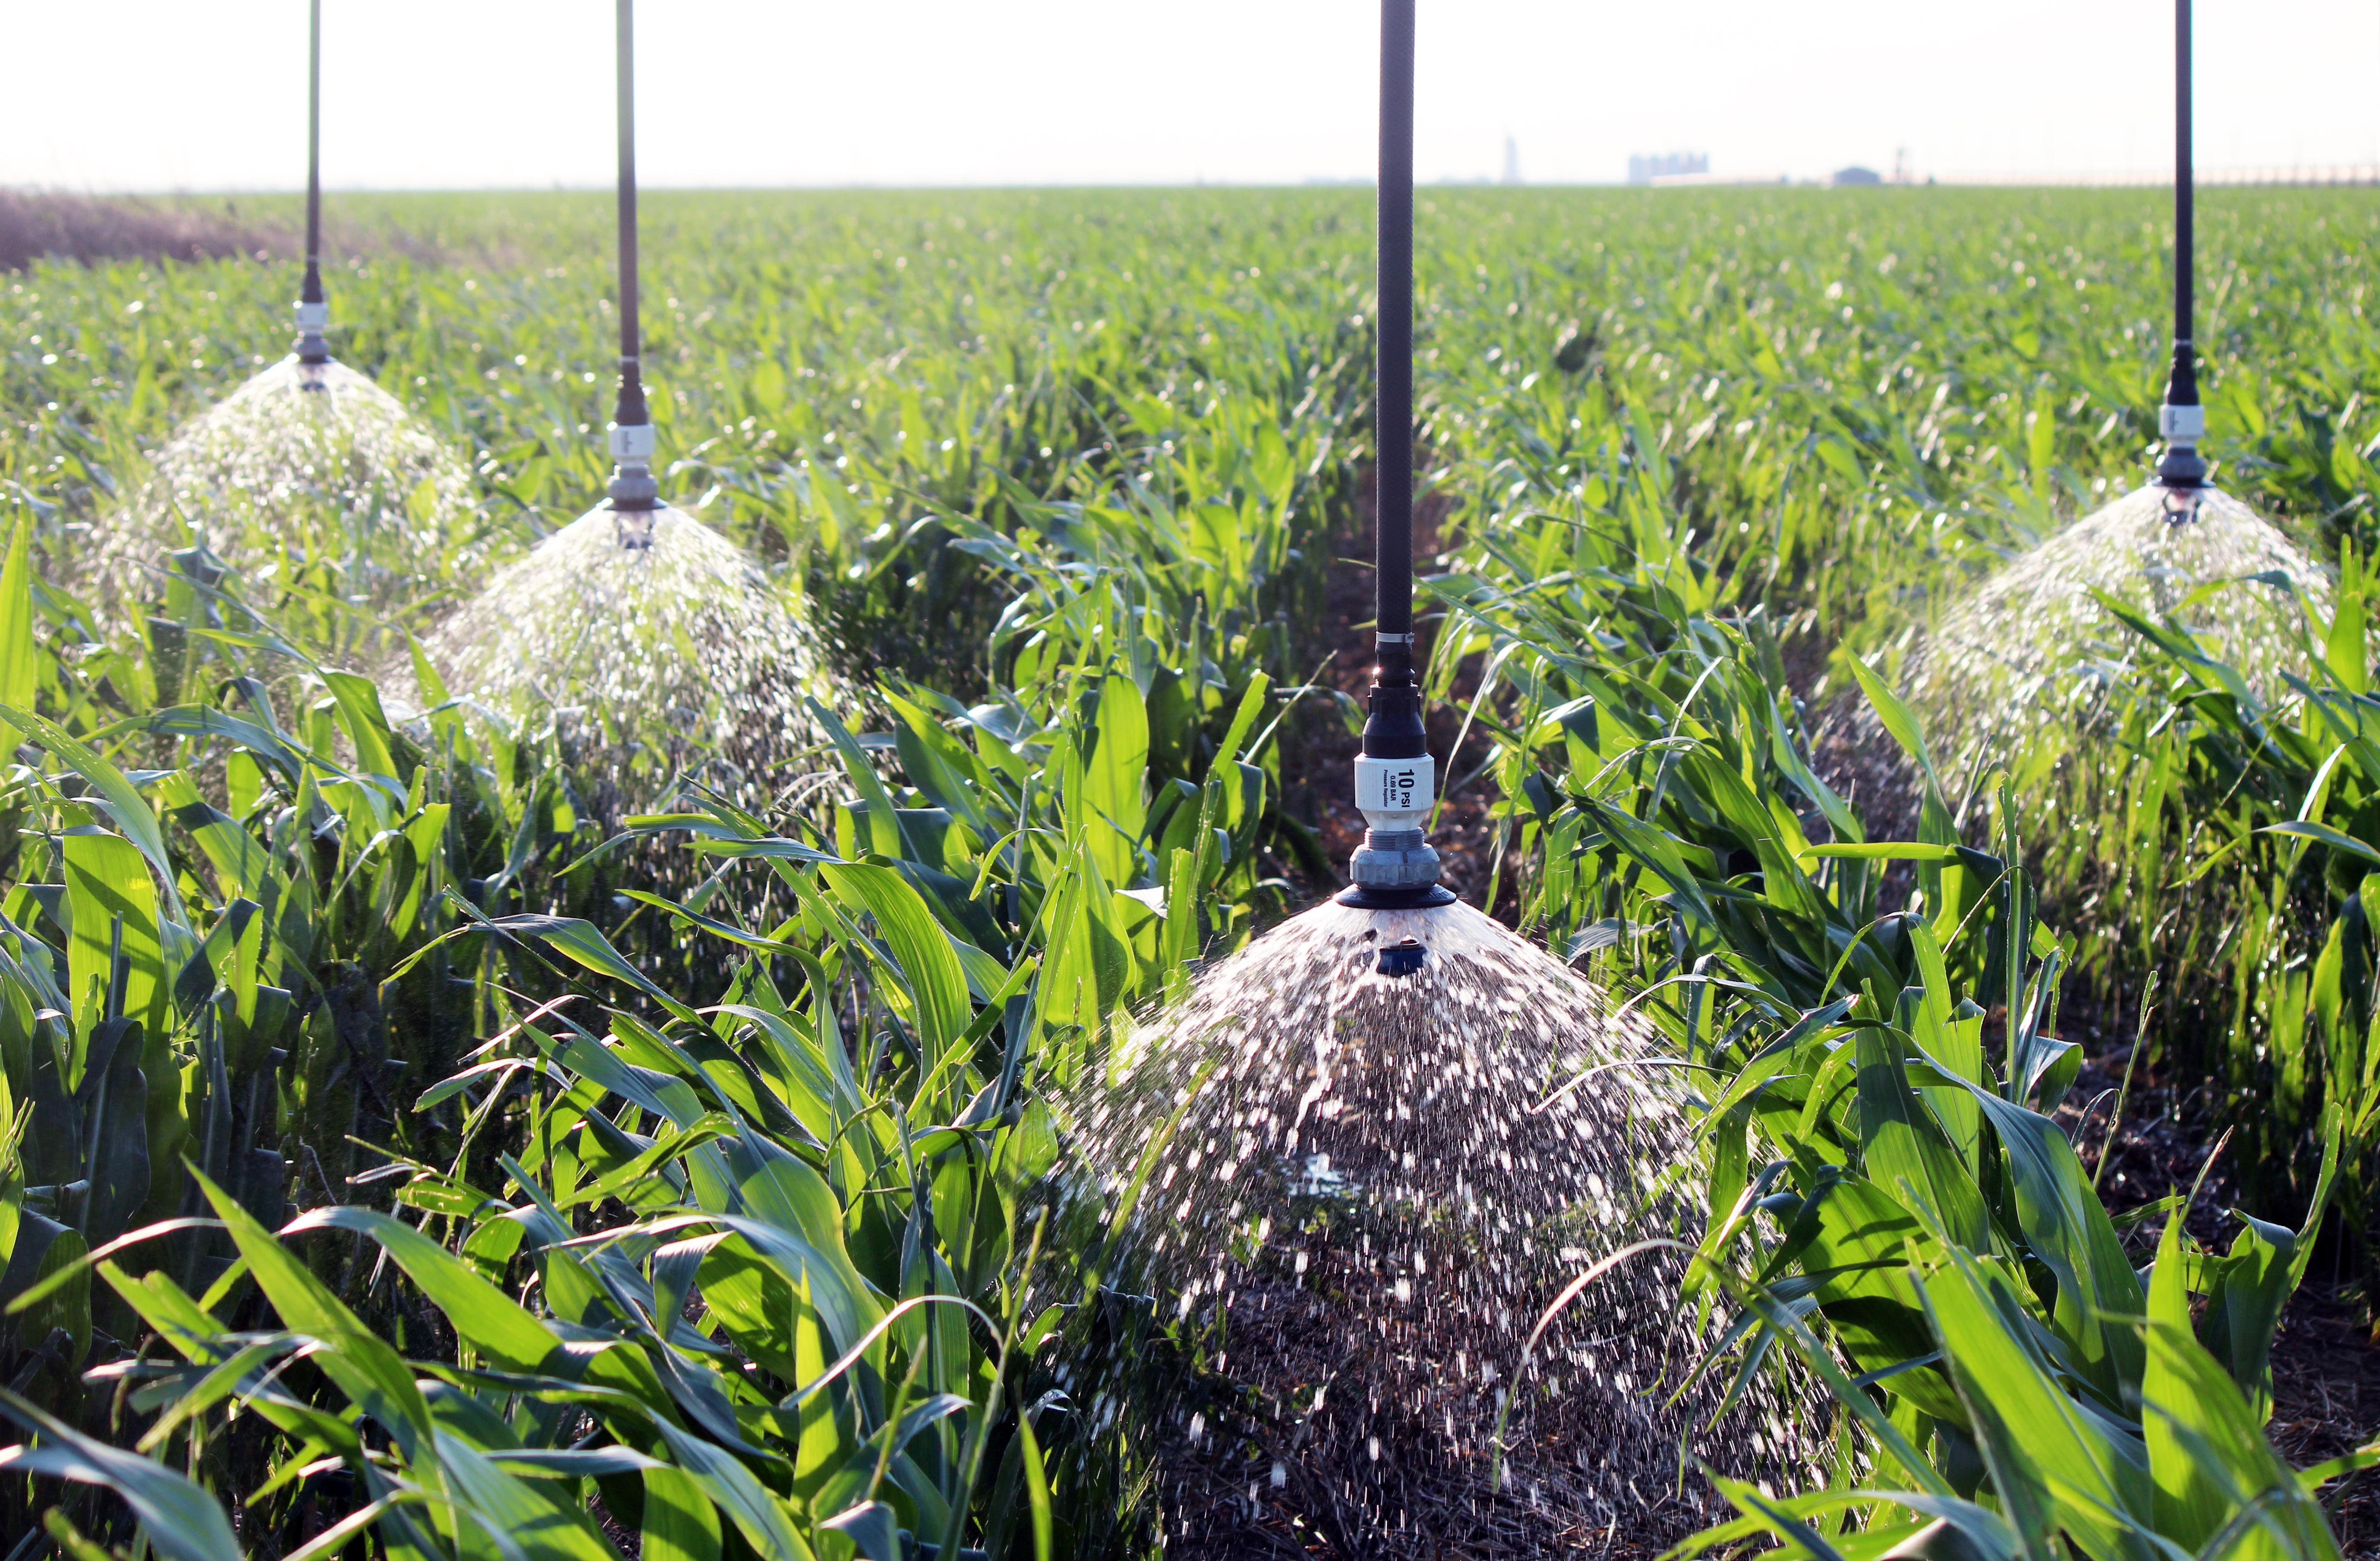 LDN LEPA Close Spacing - LDN Shroud in Corn